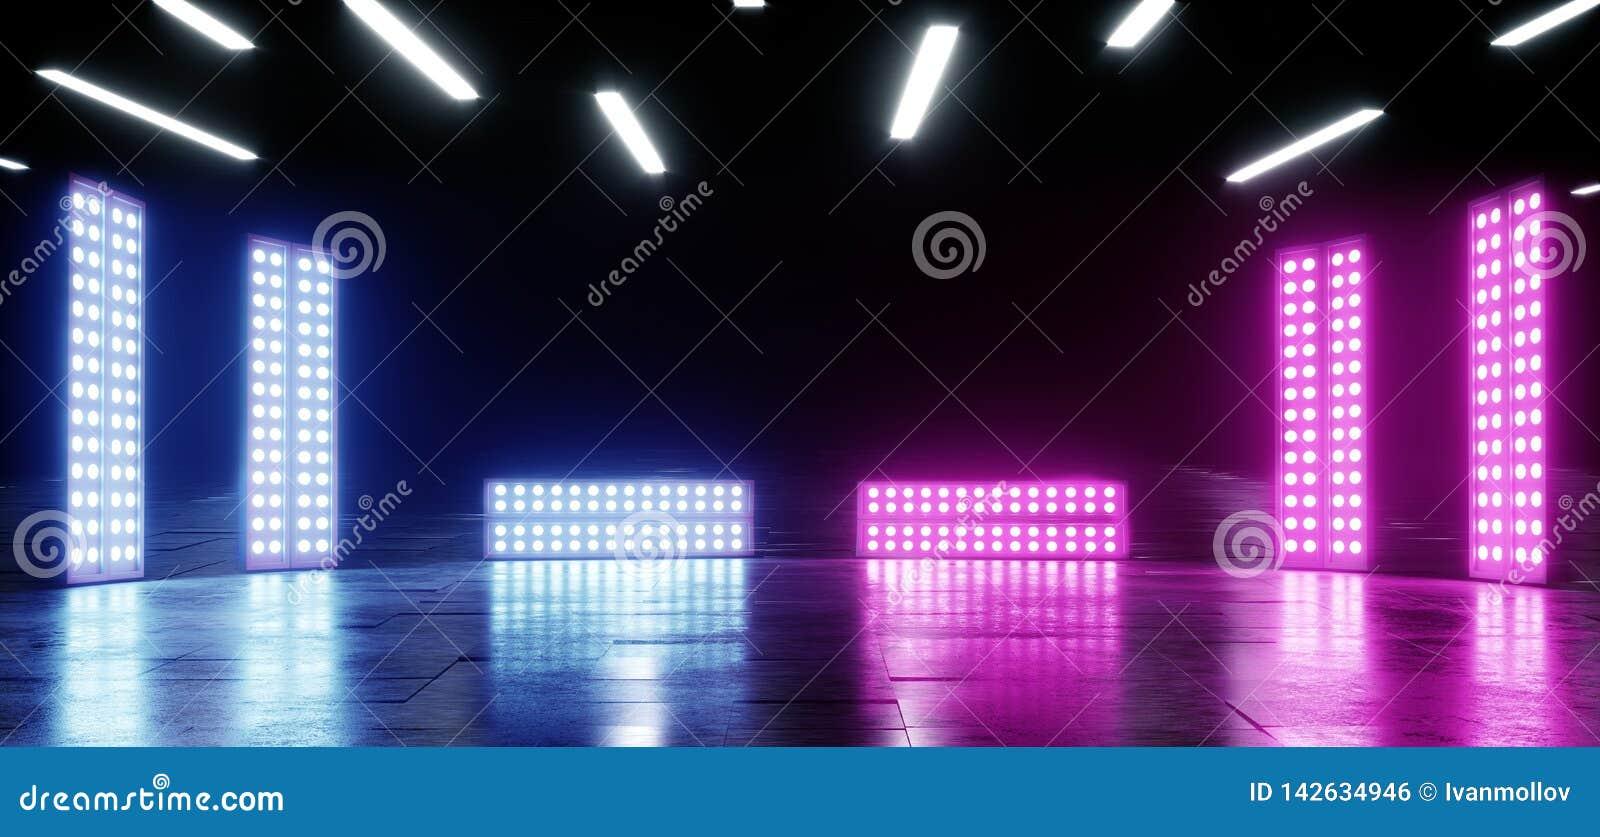 Fondo vibrante de neón de la púrpura azul que brilla intensamente en la ilusión óptica concreta de Asphalt Reflective Spectrum La